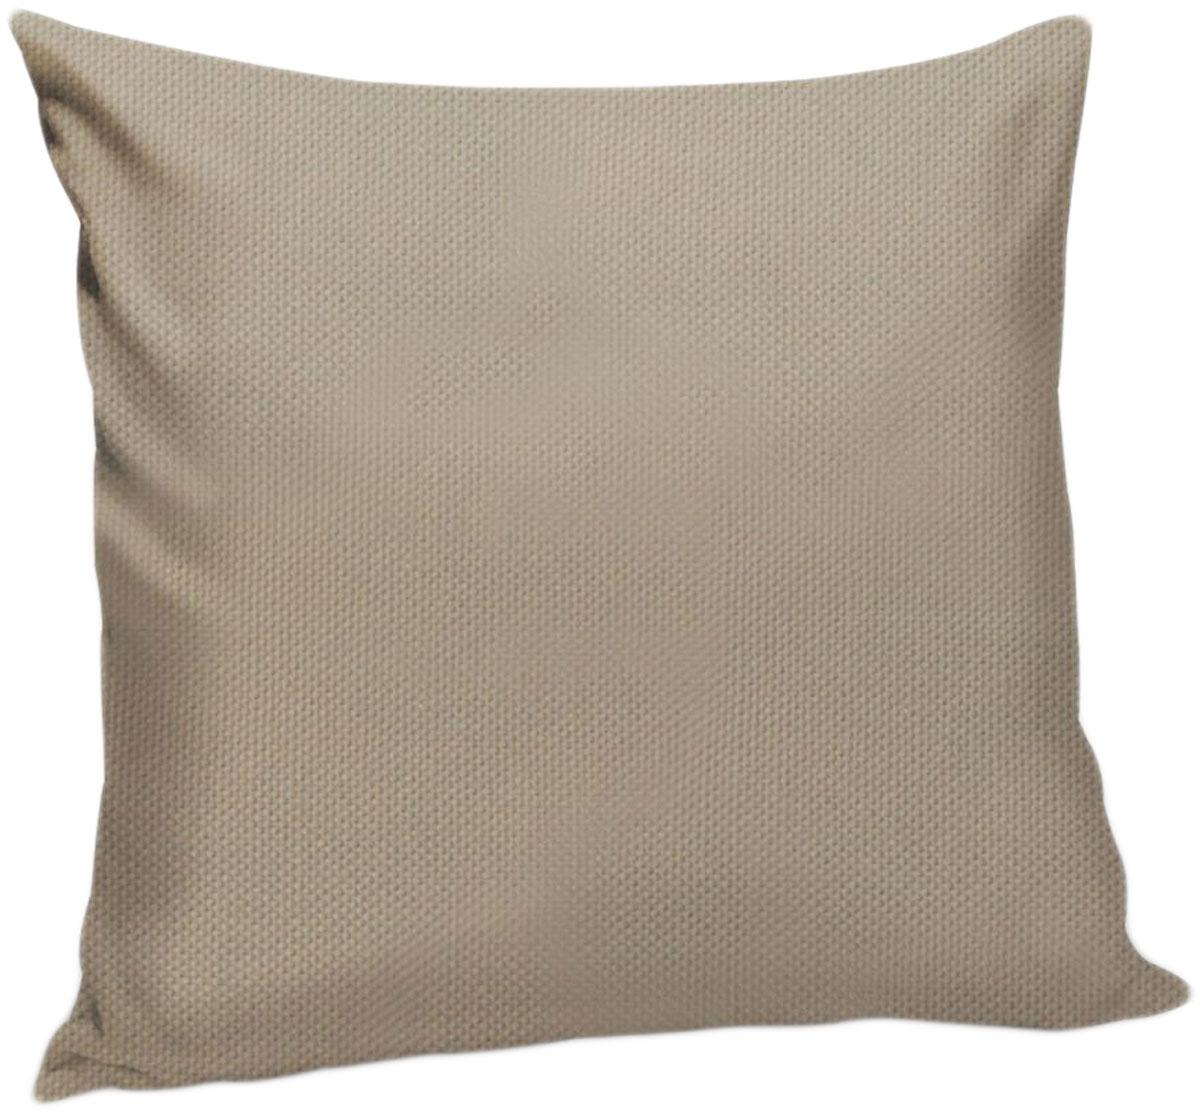 Подушка декоративная KauffOrt Комо, цвет: серо-бежевый, 40 x 40 см3121540160Декоративная подушка Комо прекрасно дополнит интерьер спальни или гостиной. Чехолподушки выполнен из лонеты. Внутри находится мягкий наполнитель. Чехол легко снимаетсяблагодаря потайной молнии.